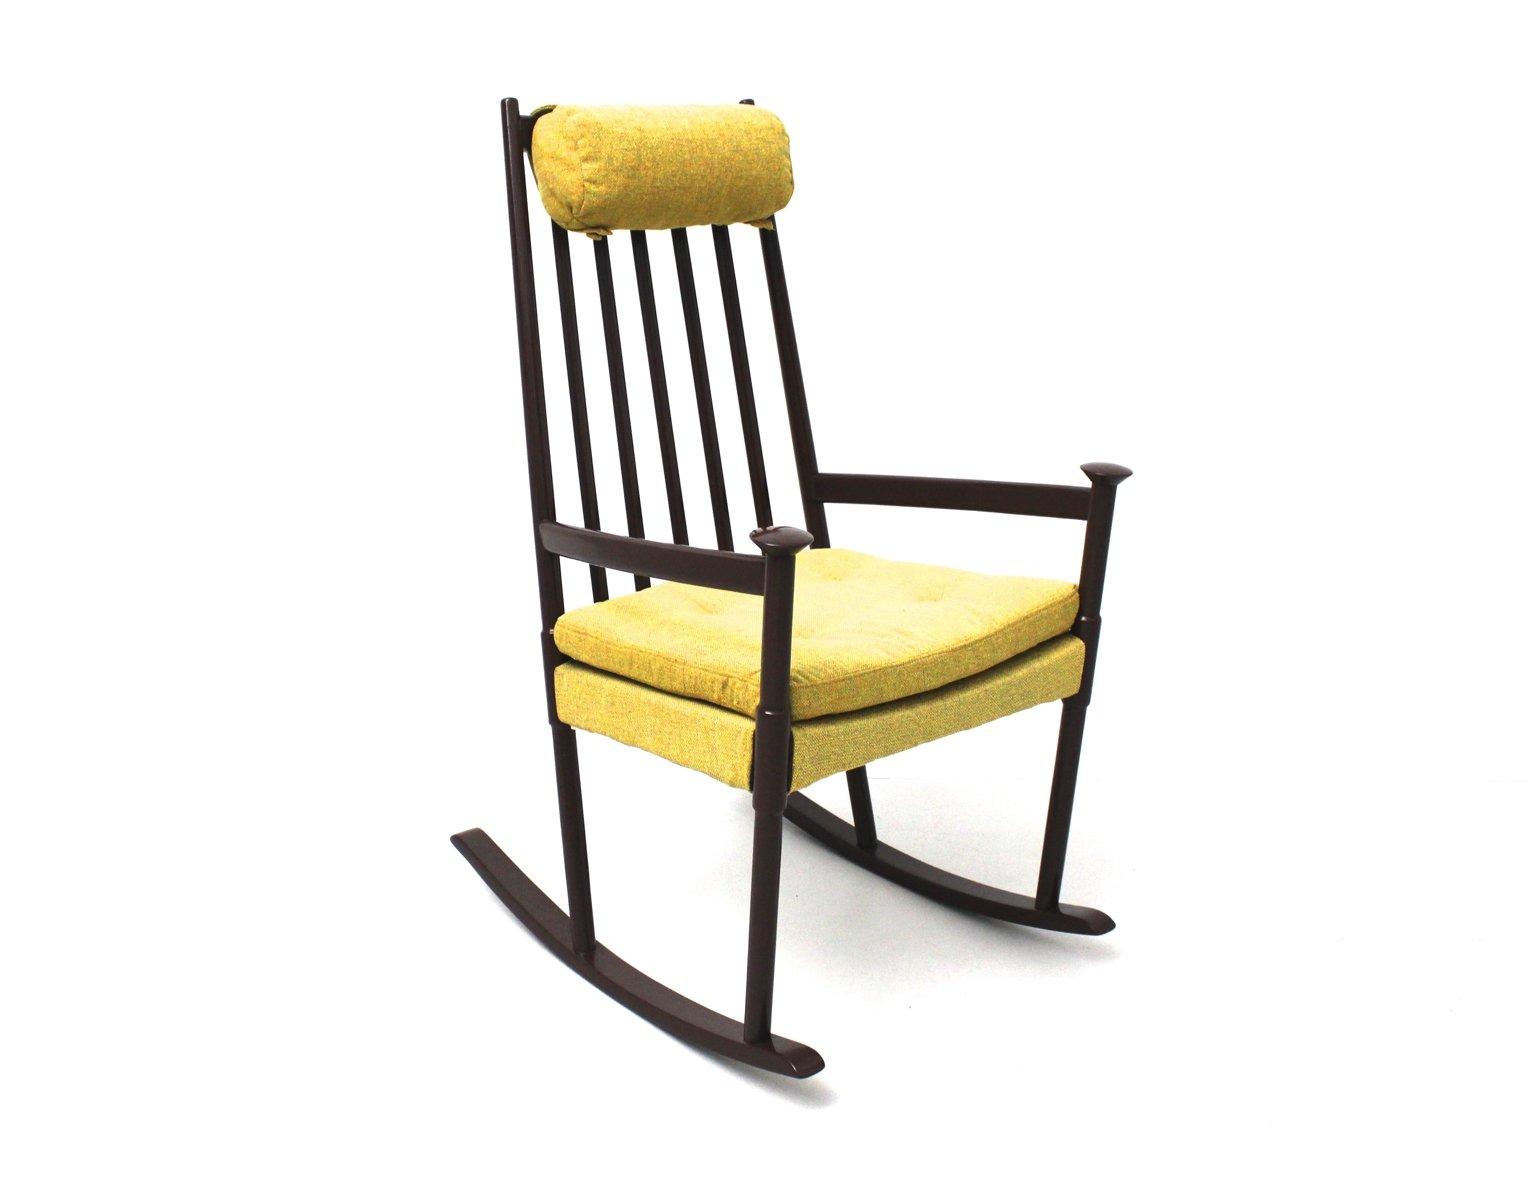 sedia design anni 60 sedia poltrona reguitti anni 60